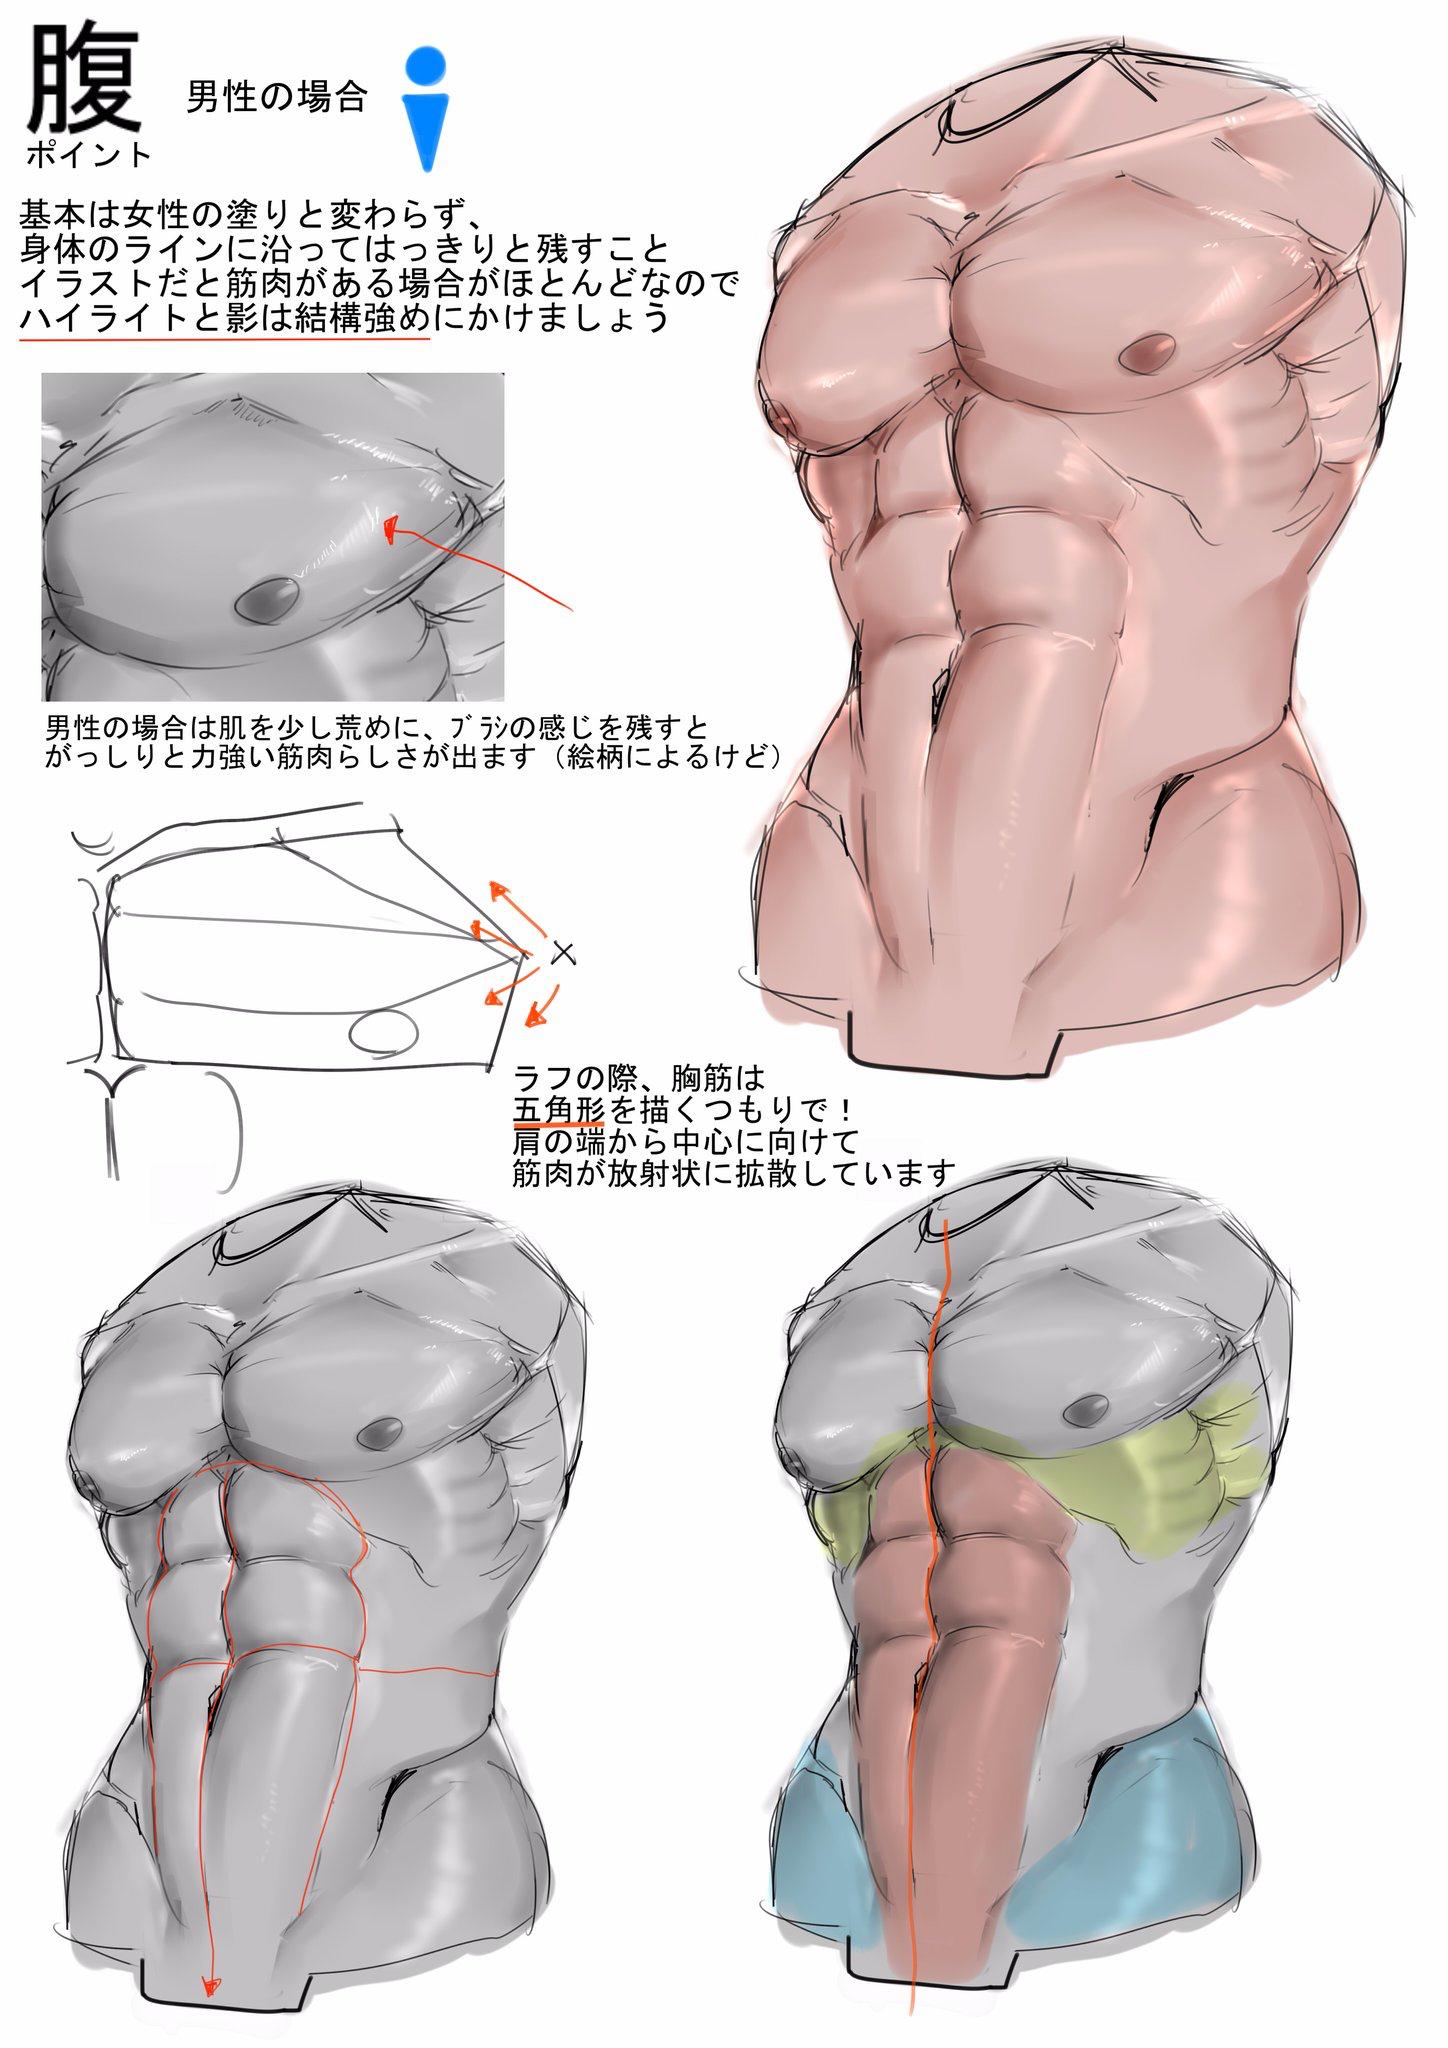 Pin de Rin Kashi en CUERPO / MOVIMIENTO | Pinterest | Anatomía ...